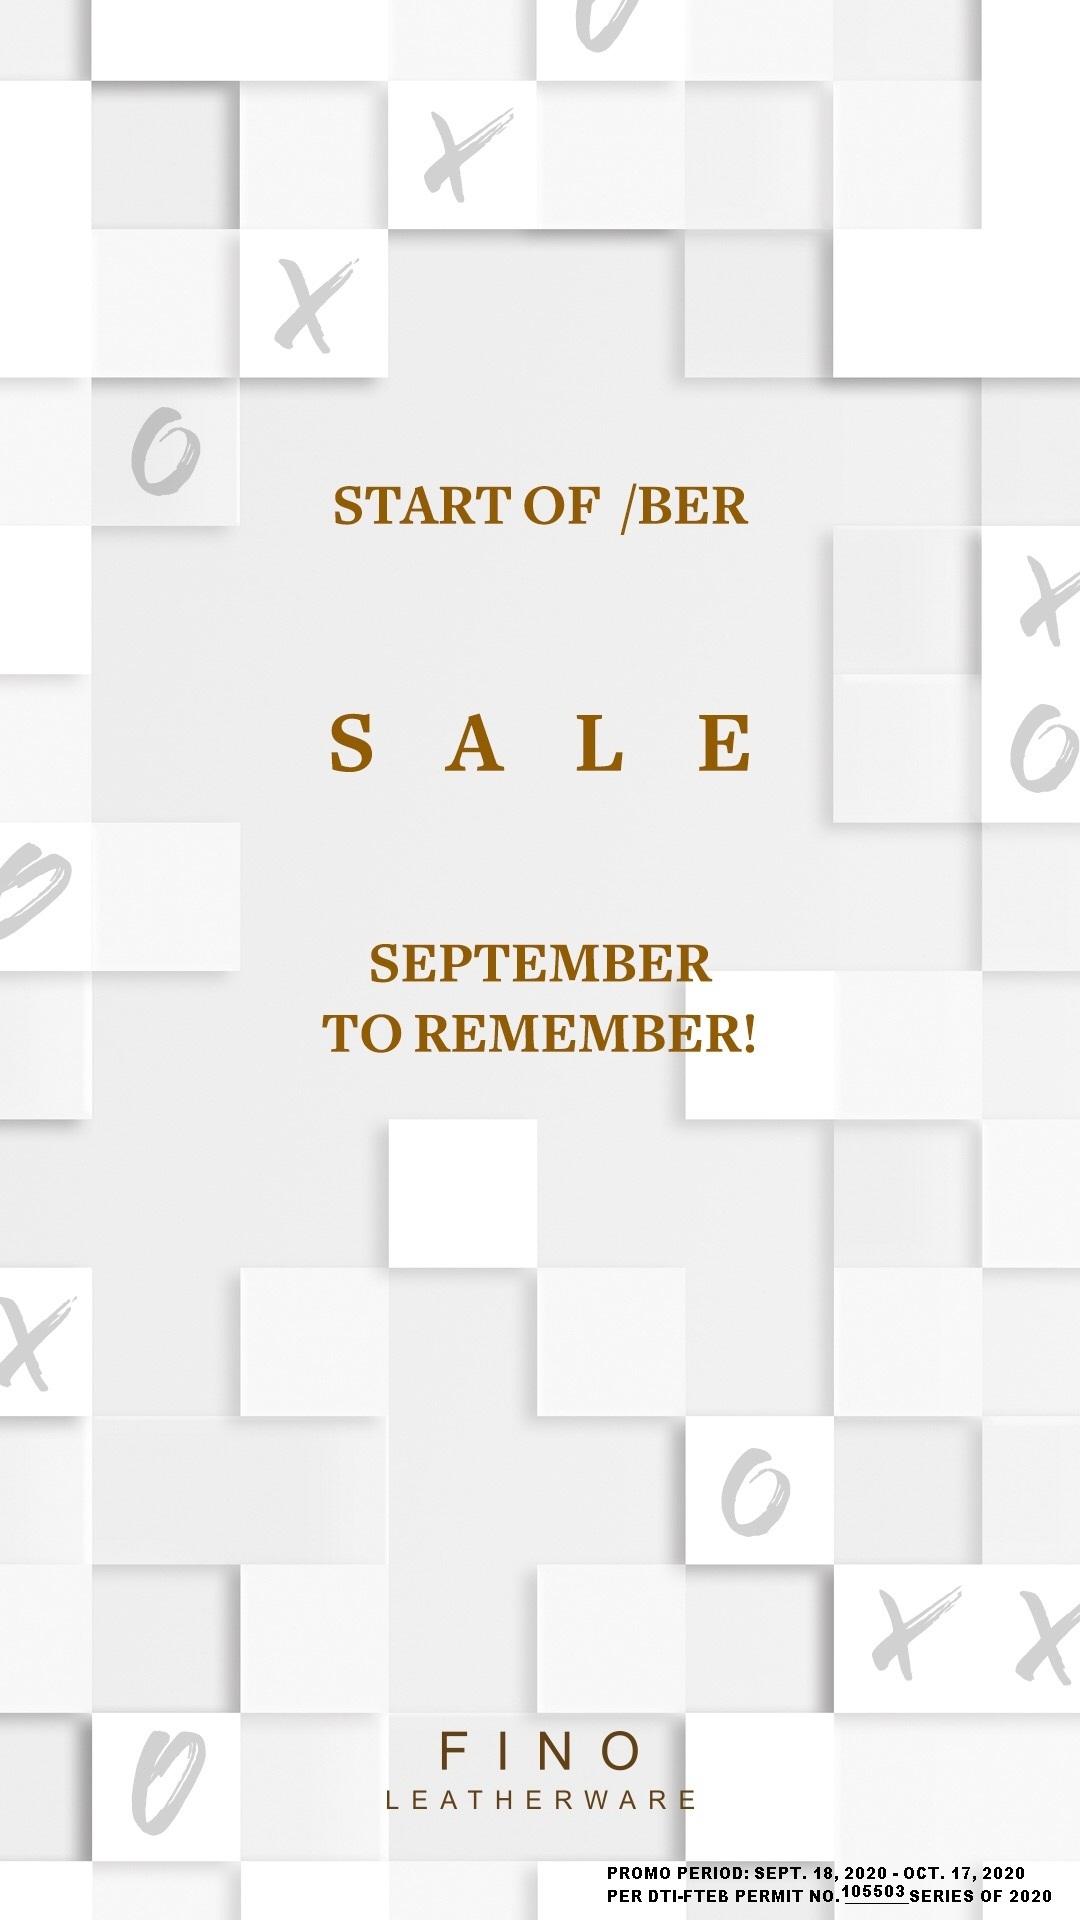 FINO Leatherware Start of BER Sale